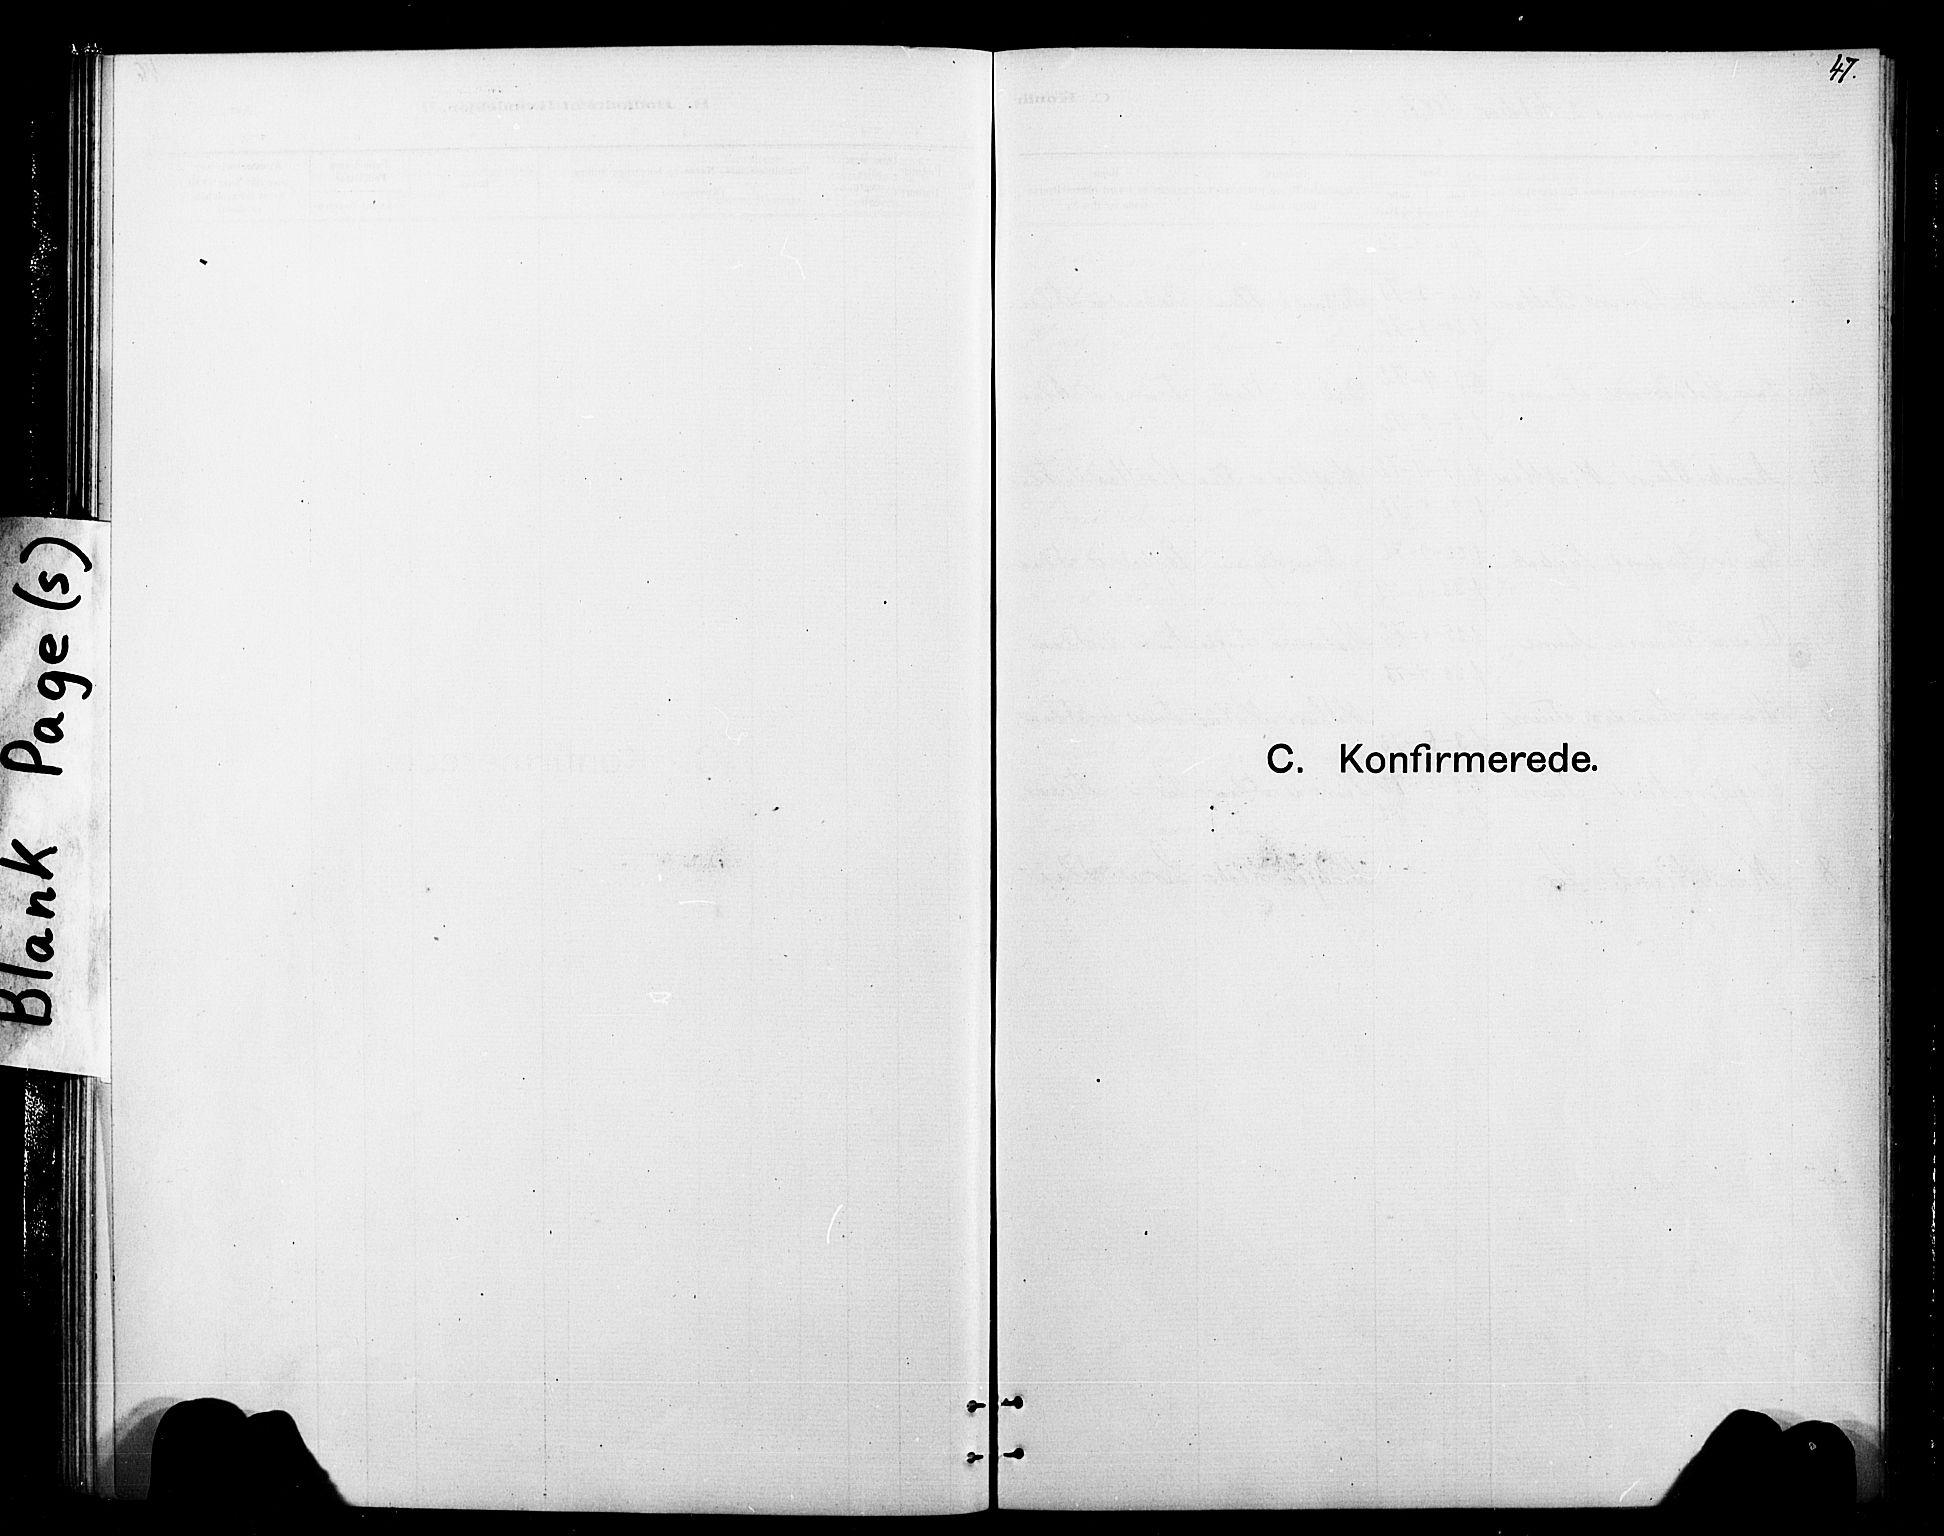 SAT, Ministerialprotokoller, klokkerbøker og fødselsregistre - Sør-Trøndelag, 693/L1123: Klokkerbok nr. 693C04, 1887-1910, s. 47